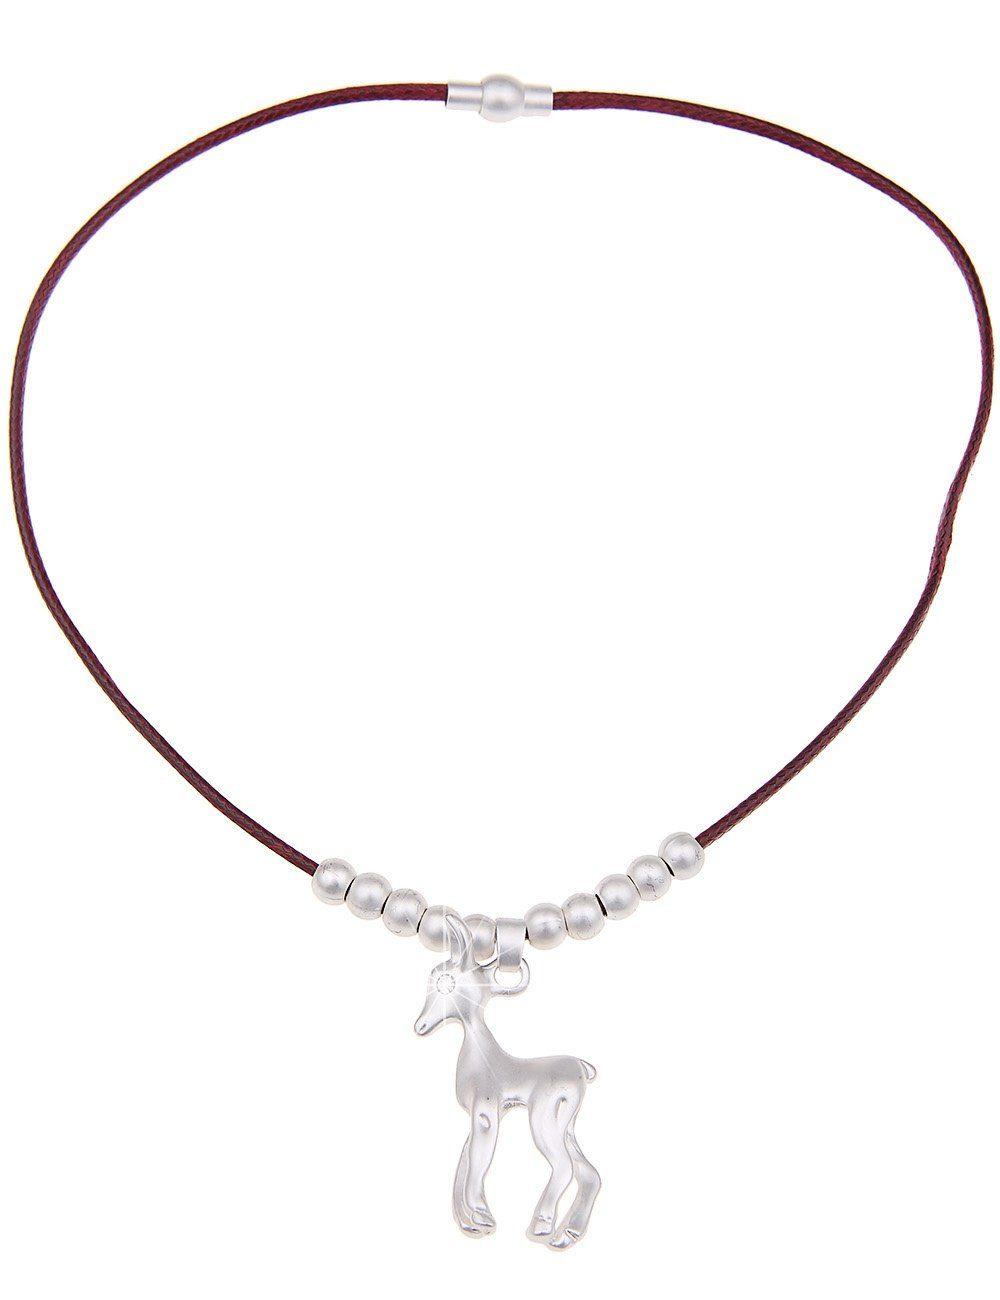 Leslii Halskette mit lieblichem Reh-Anhänger